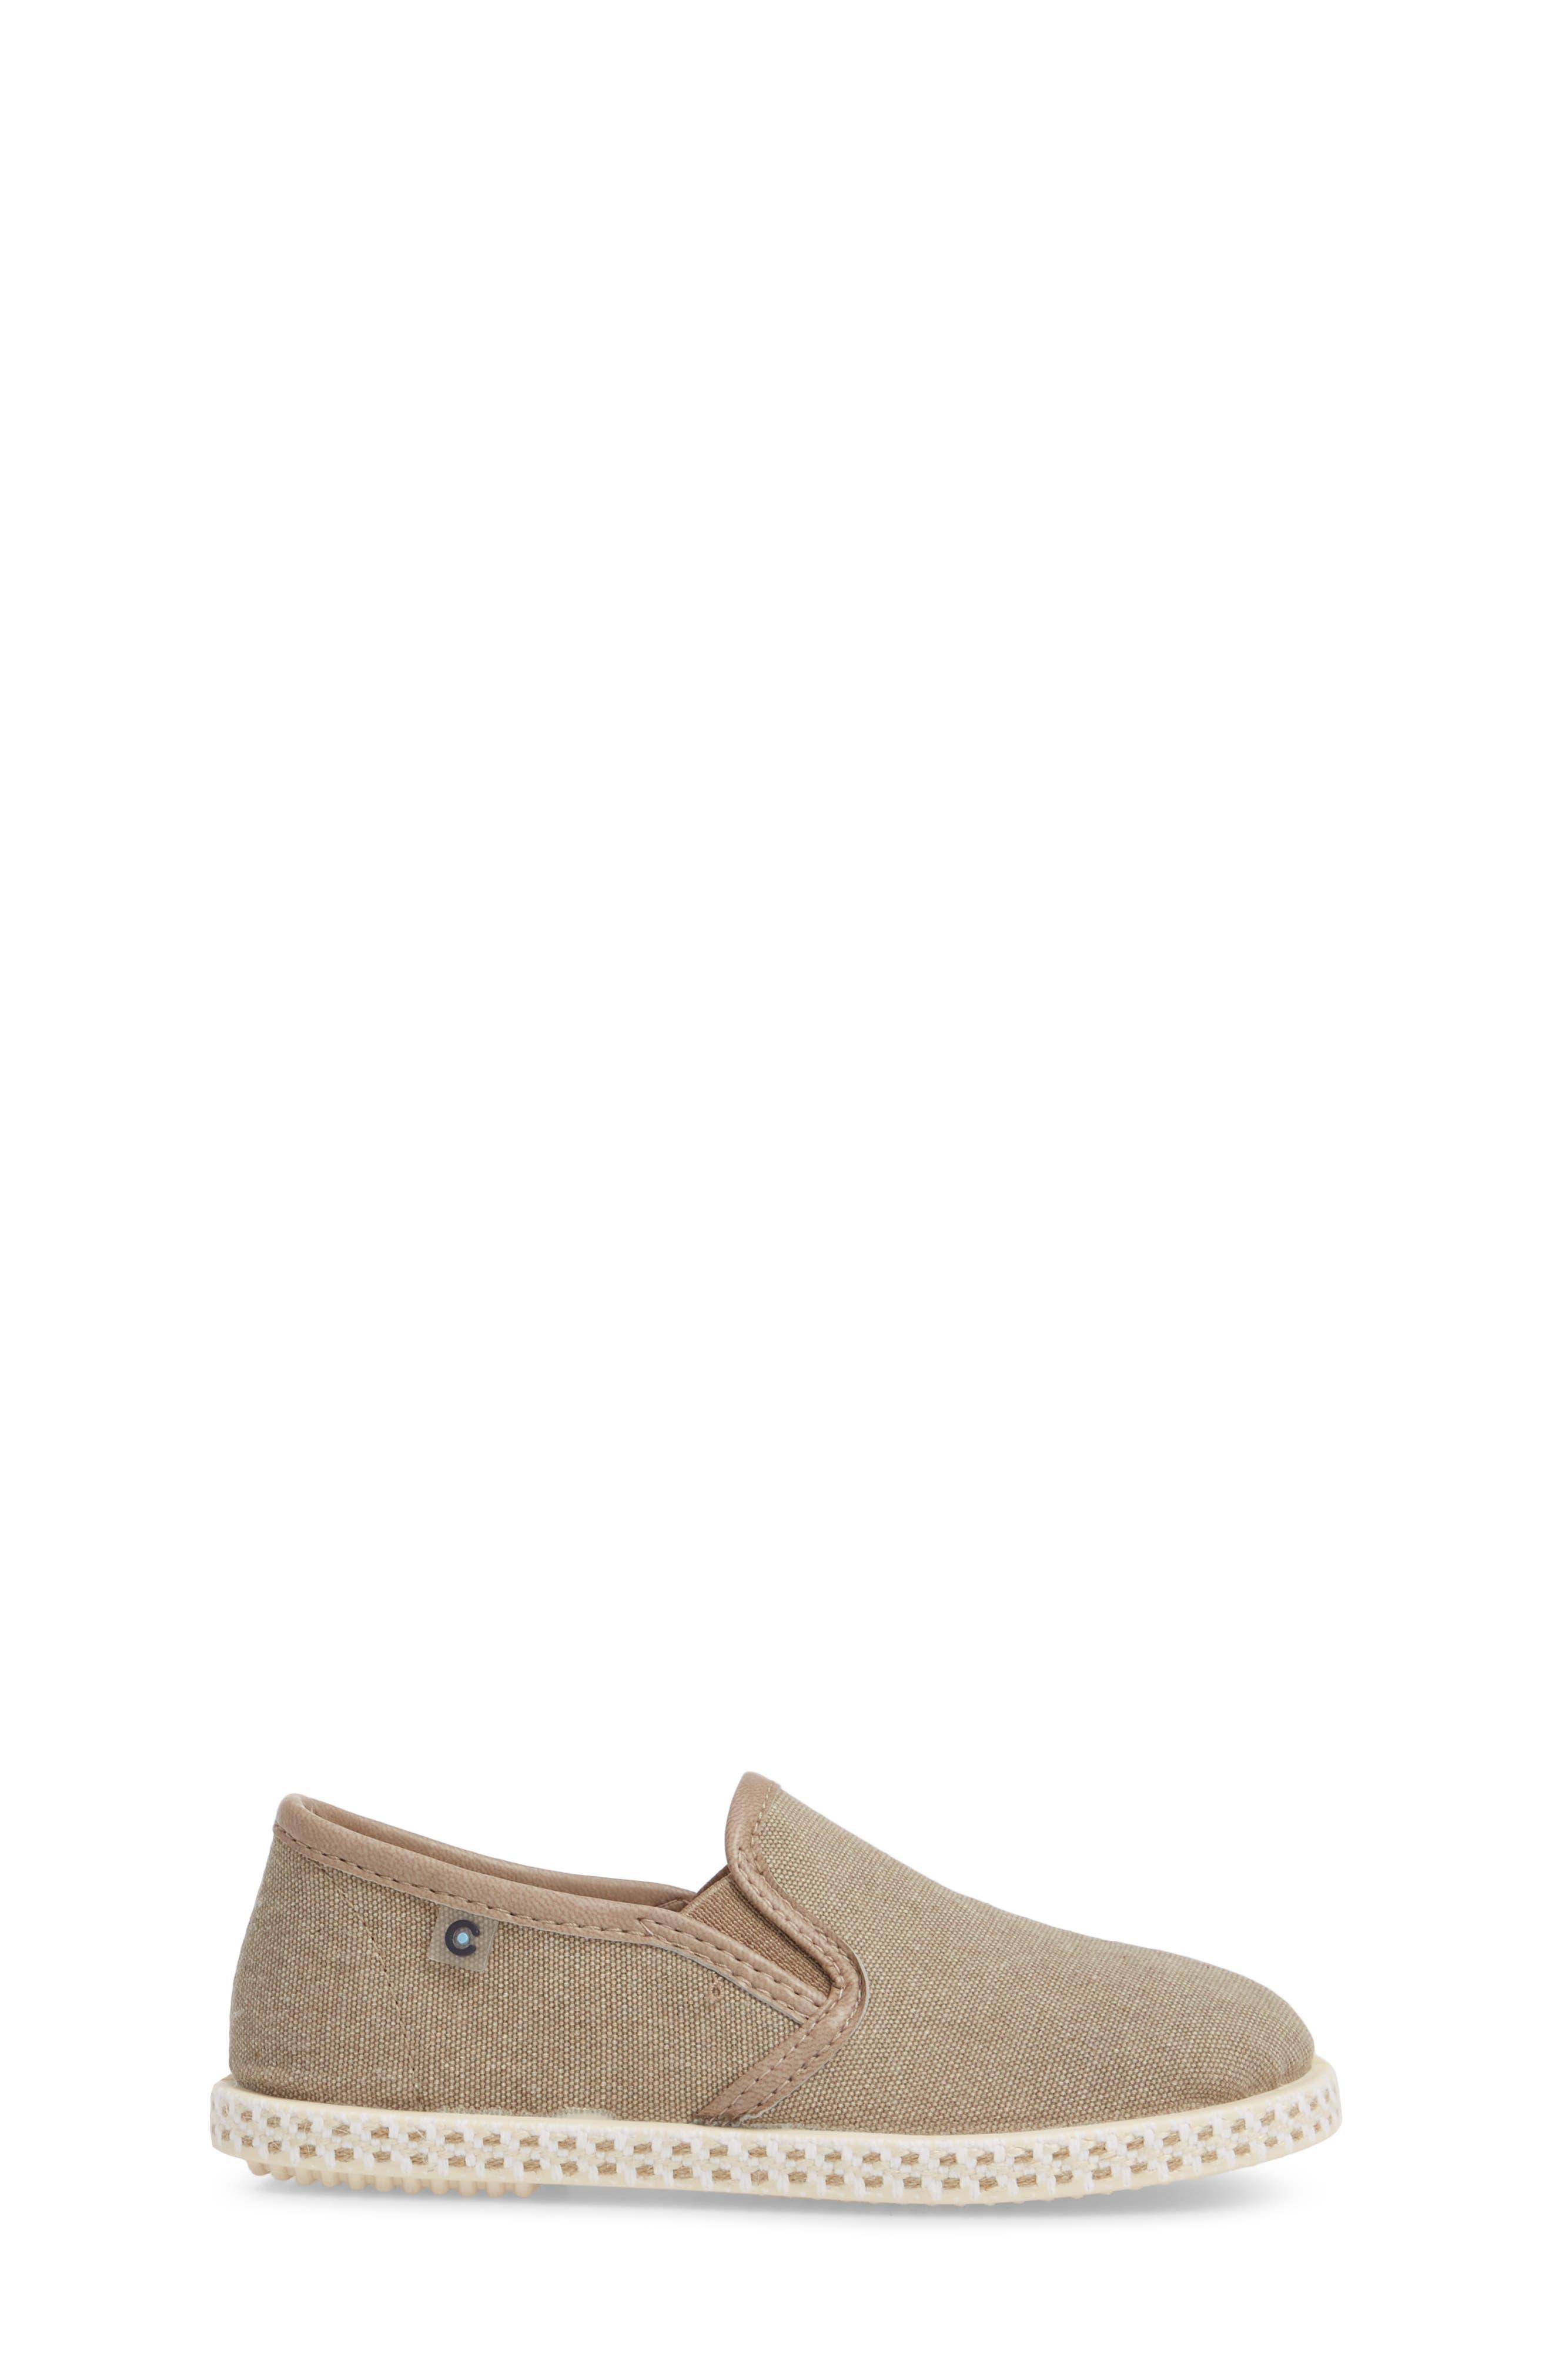 Lona Slip-On Sneaker,                             Alternate thumbnail 3, color,                             210